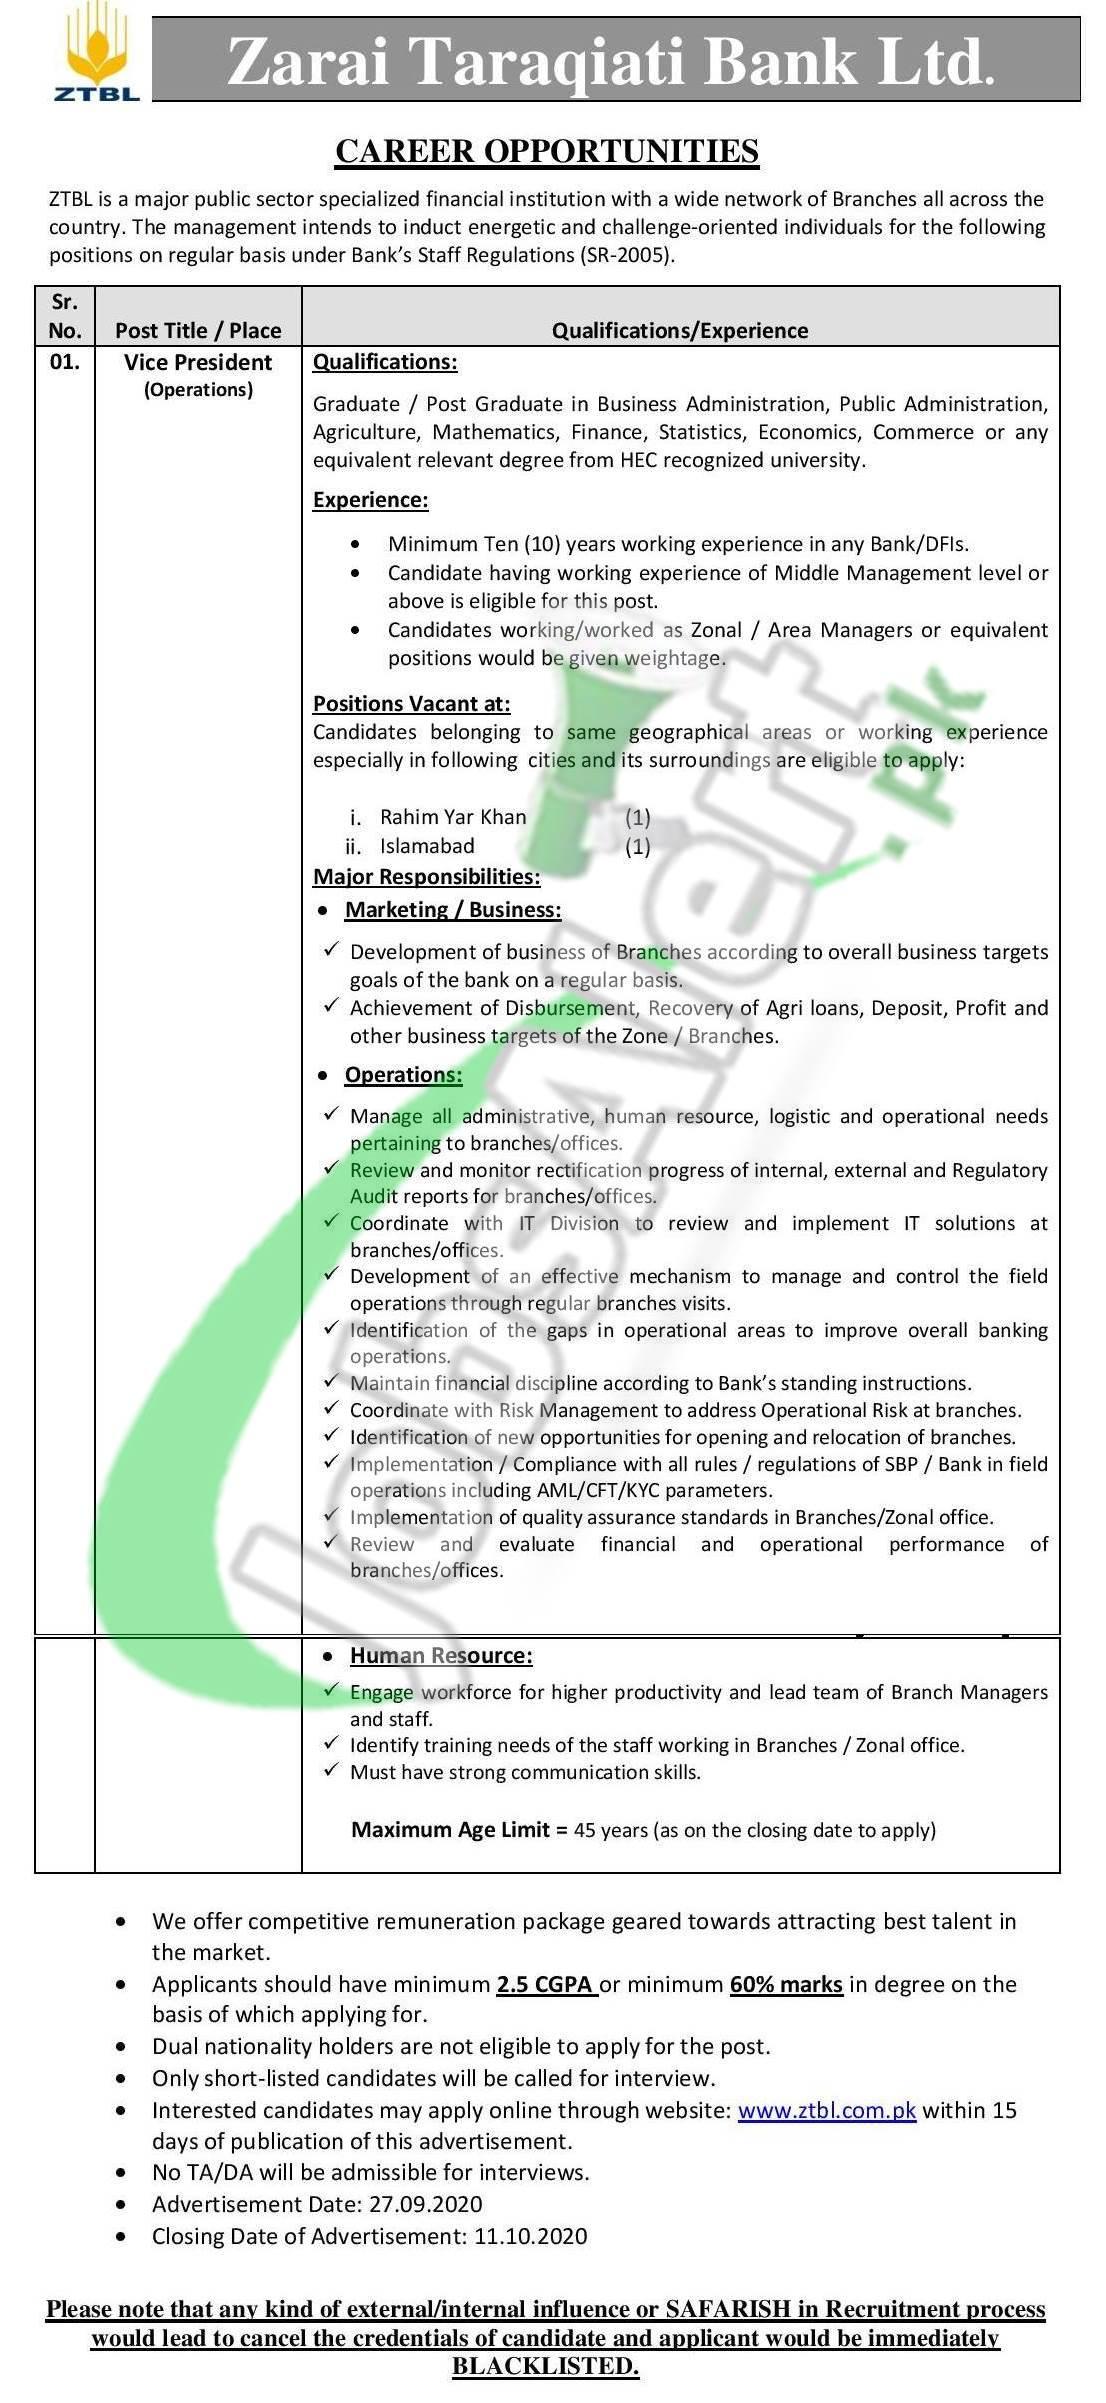 Zarai Taraqiati Bank Limited Jobs